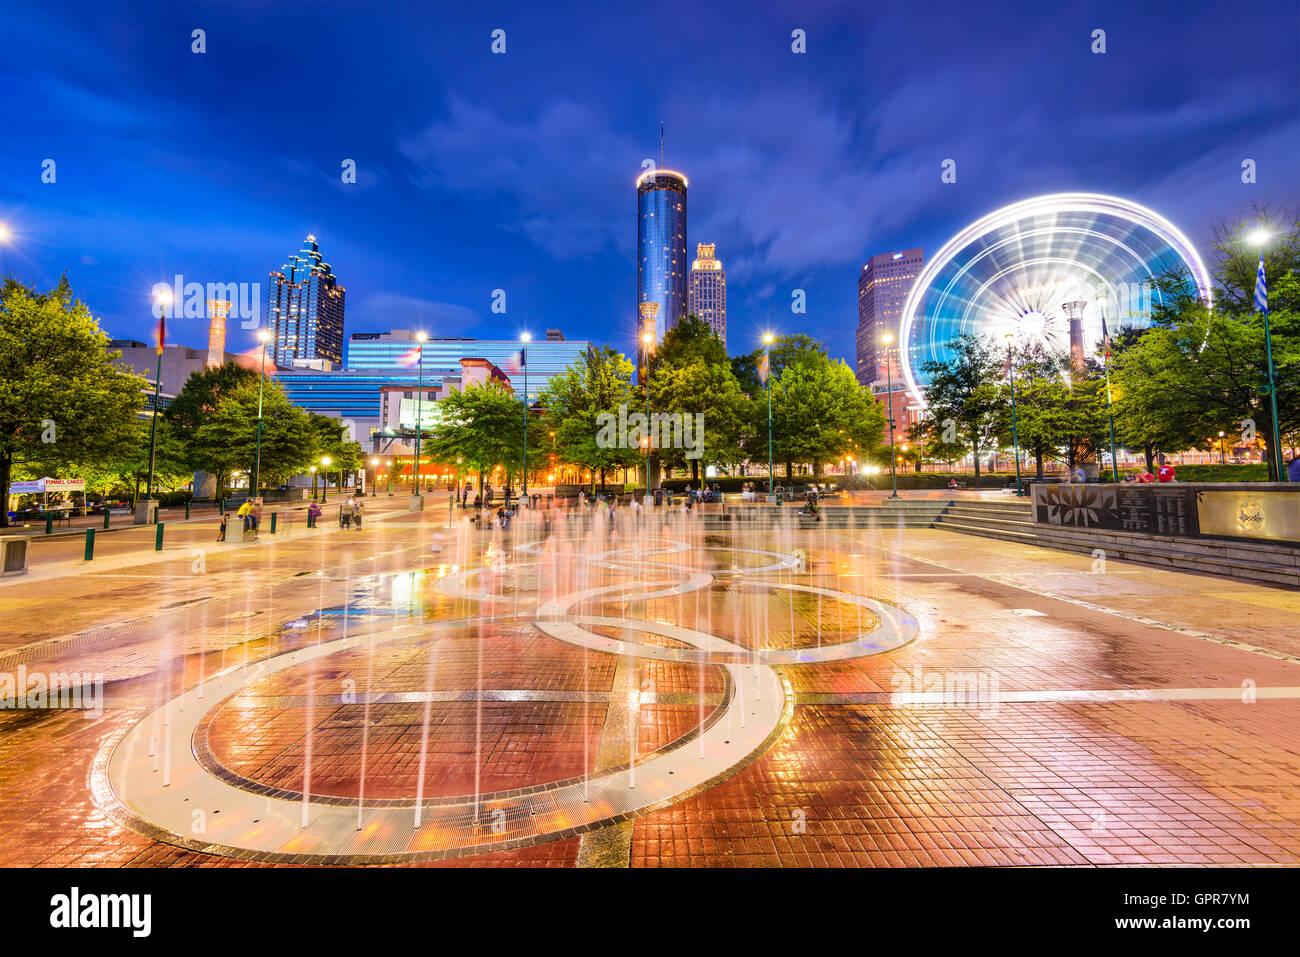 Atlanta, Georgia, USA at Centennial Olympic Park. - Stock Image